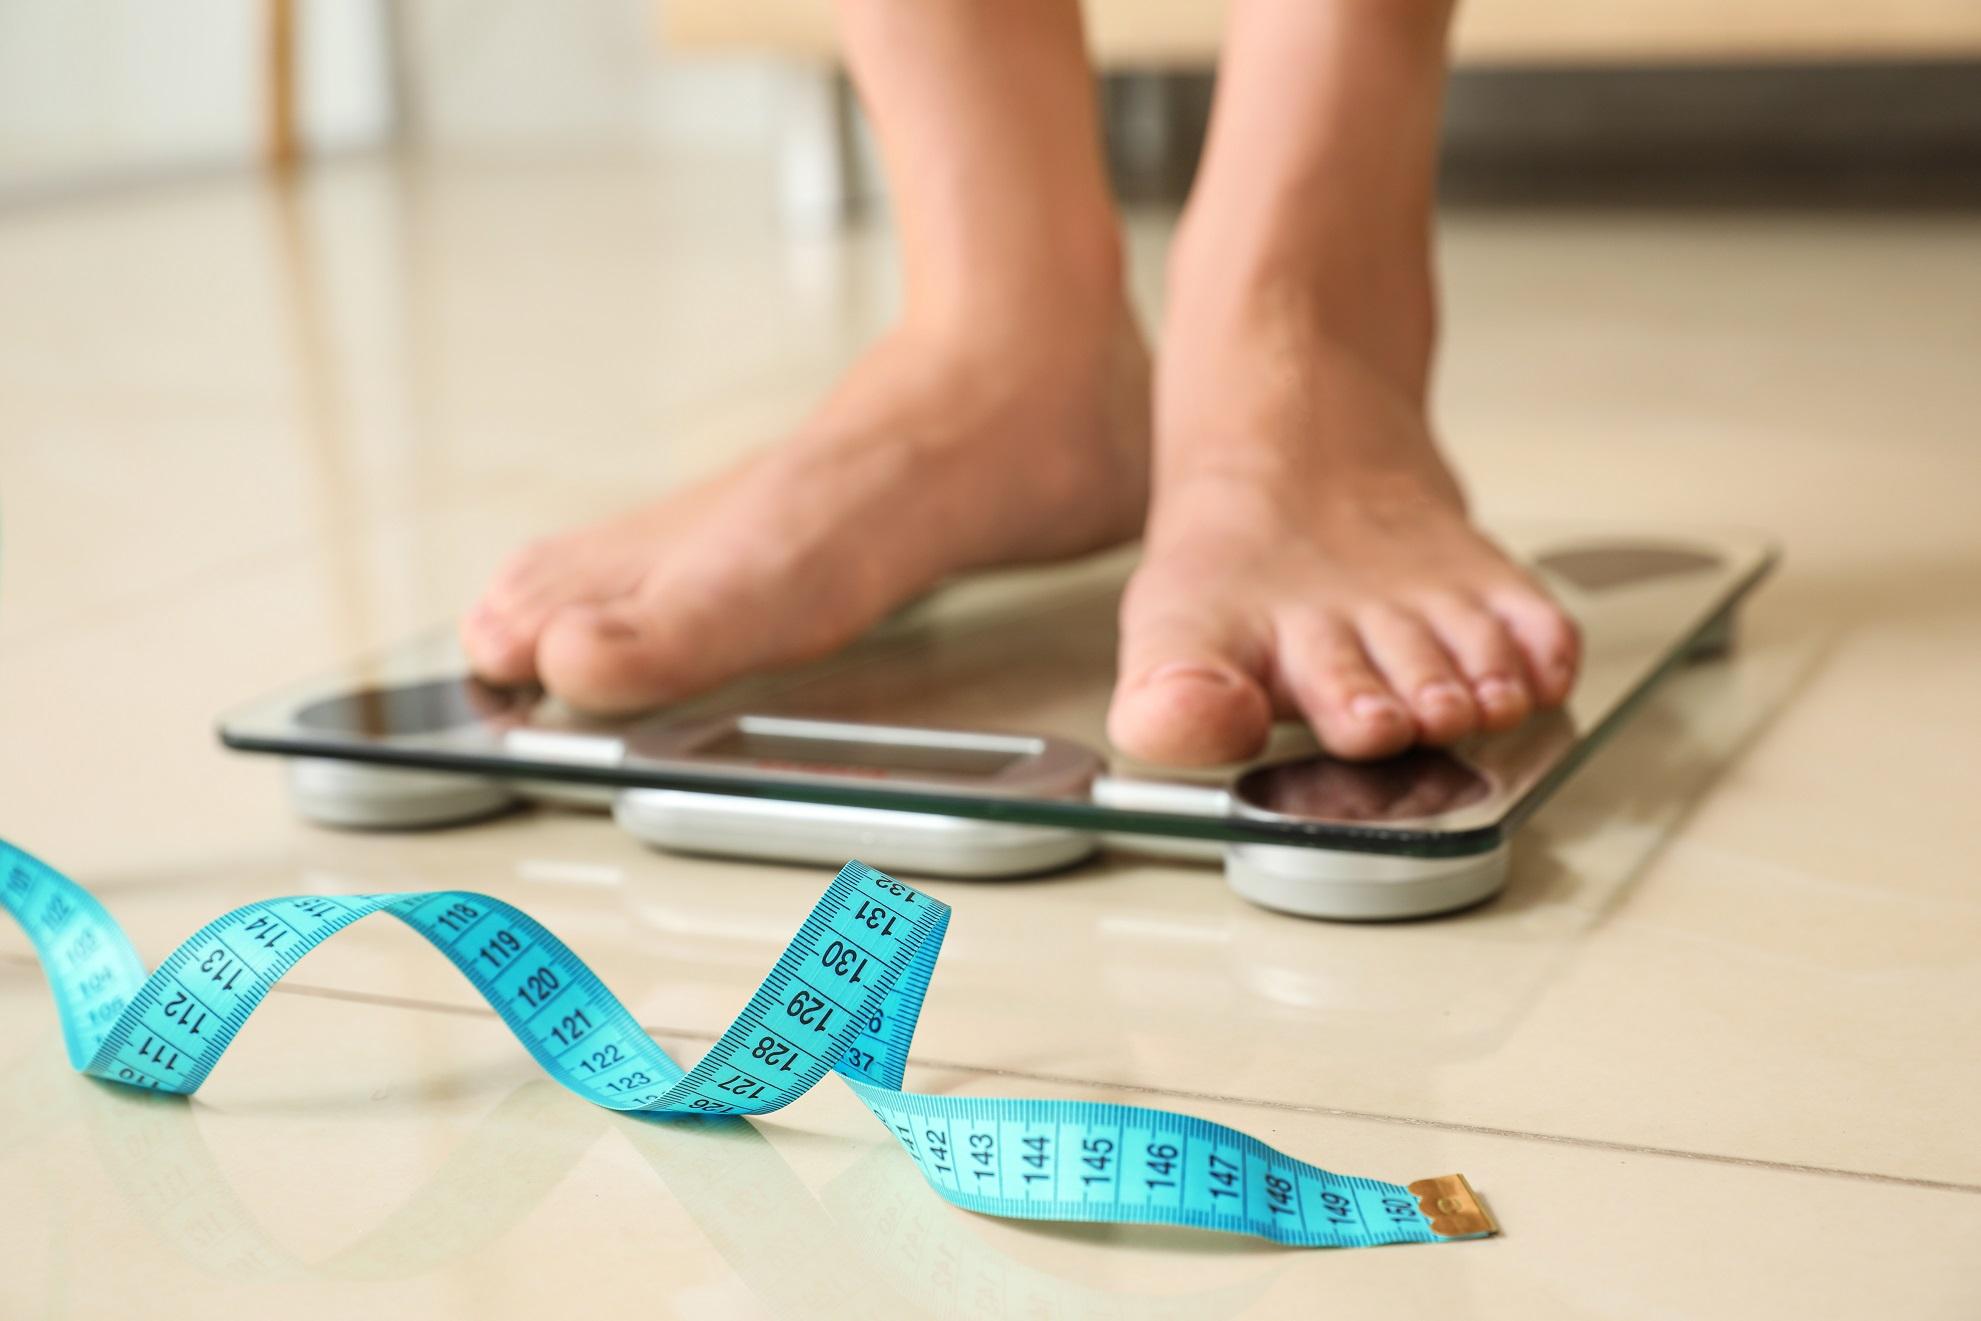 Transtornos alimentares atingem 4,7% dos brasileiros, entenda